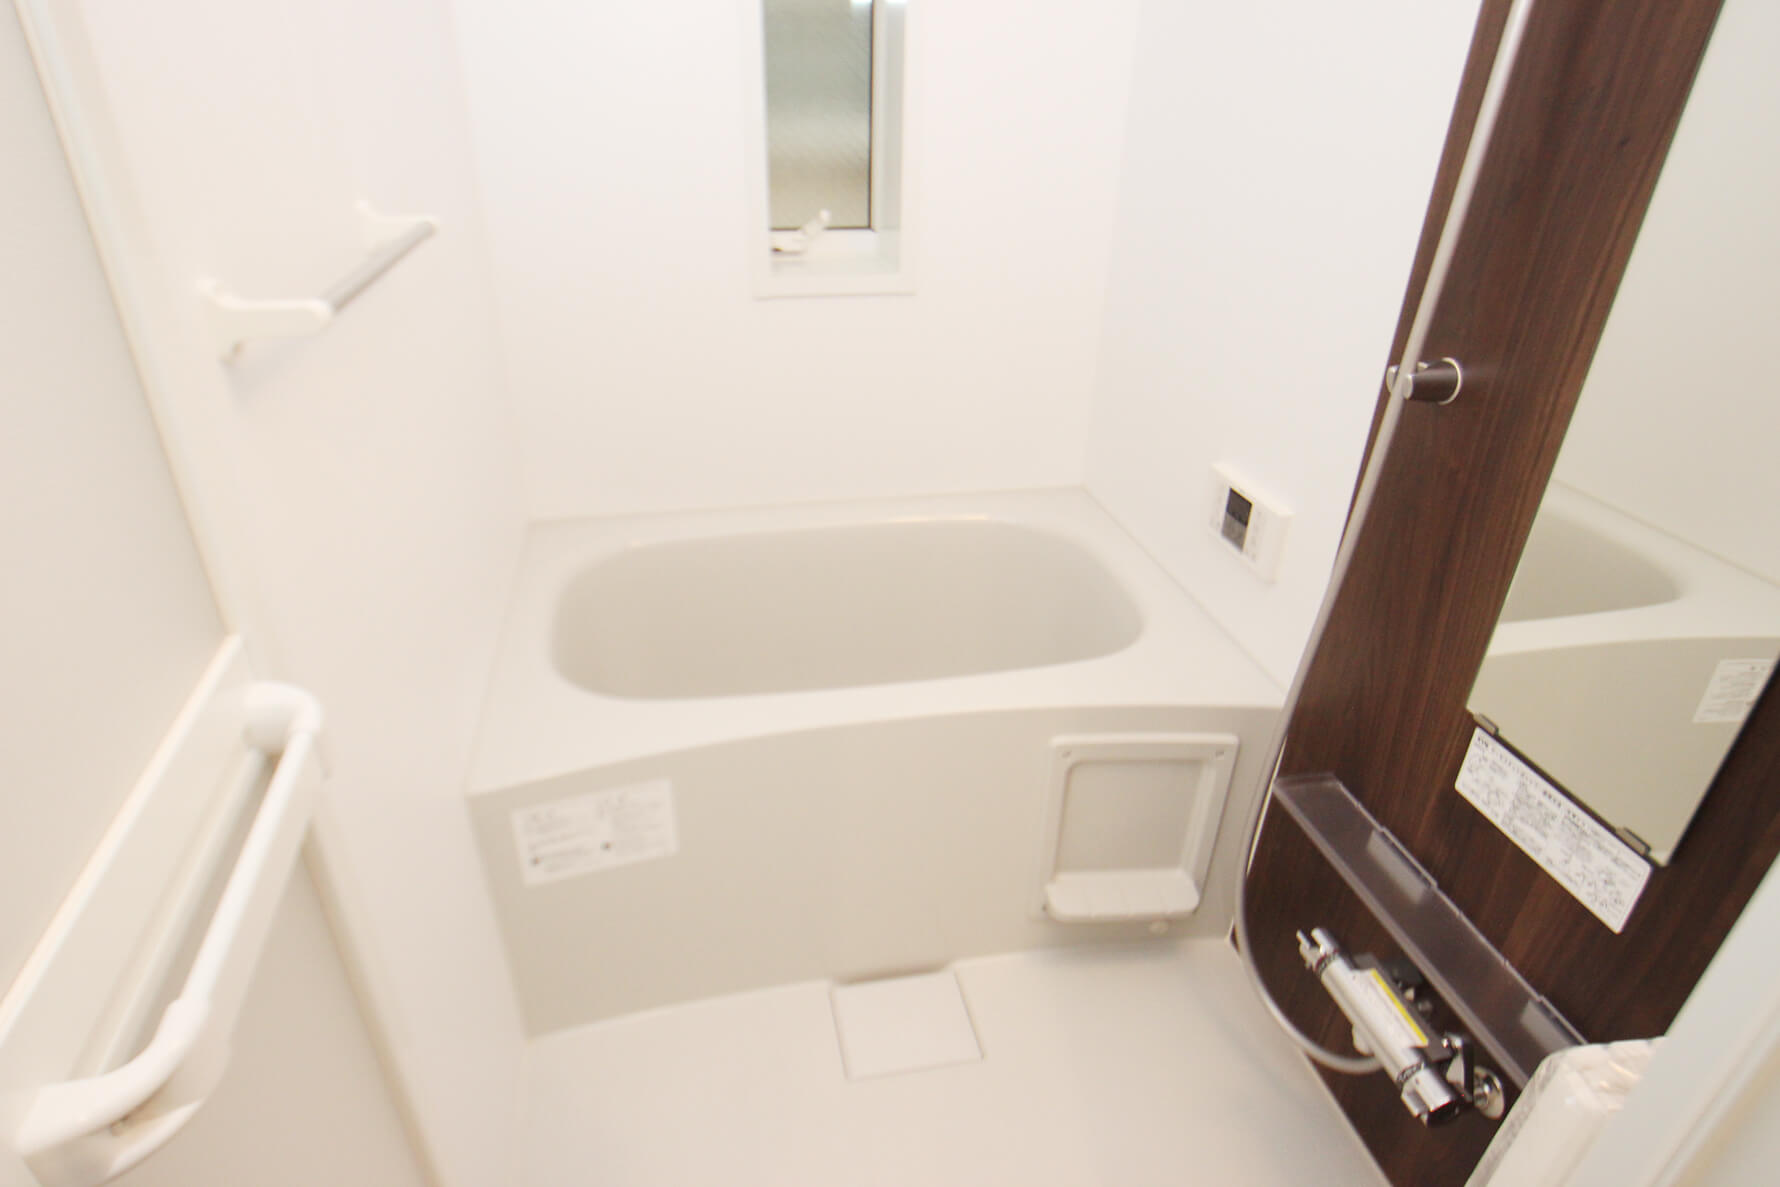 302号室のお風呂です。 窓もあるので使用後は換気に使えますね。集合住宅では珍しいですにゃ。